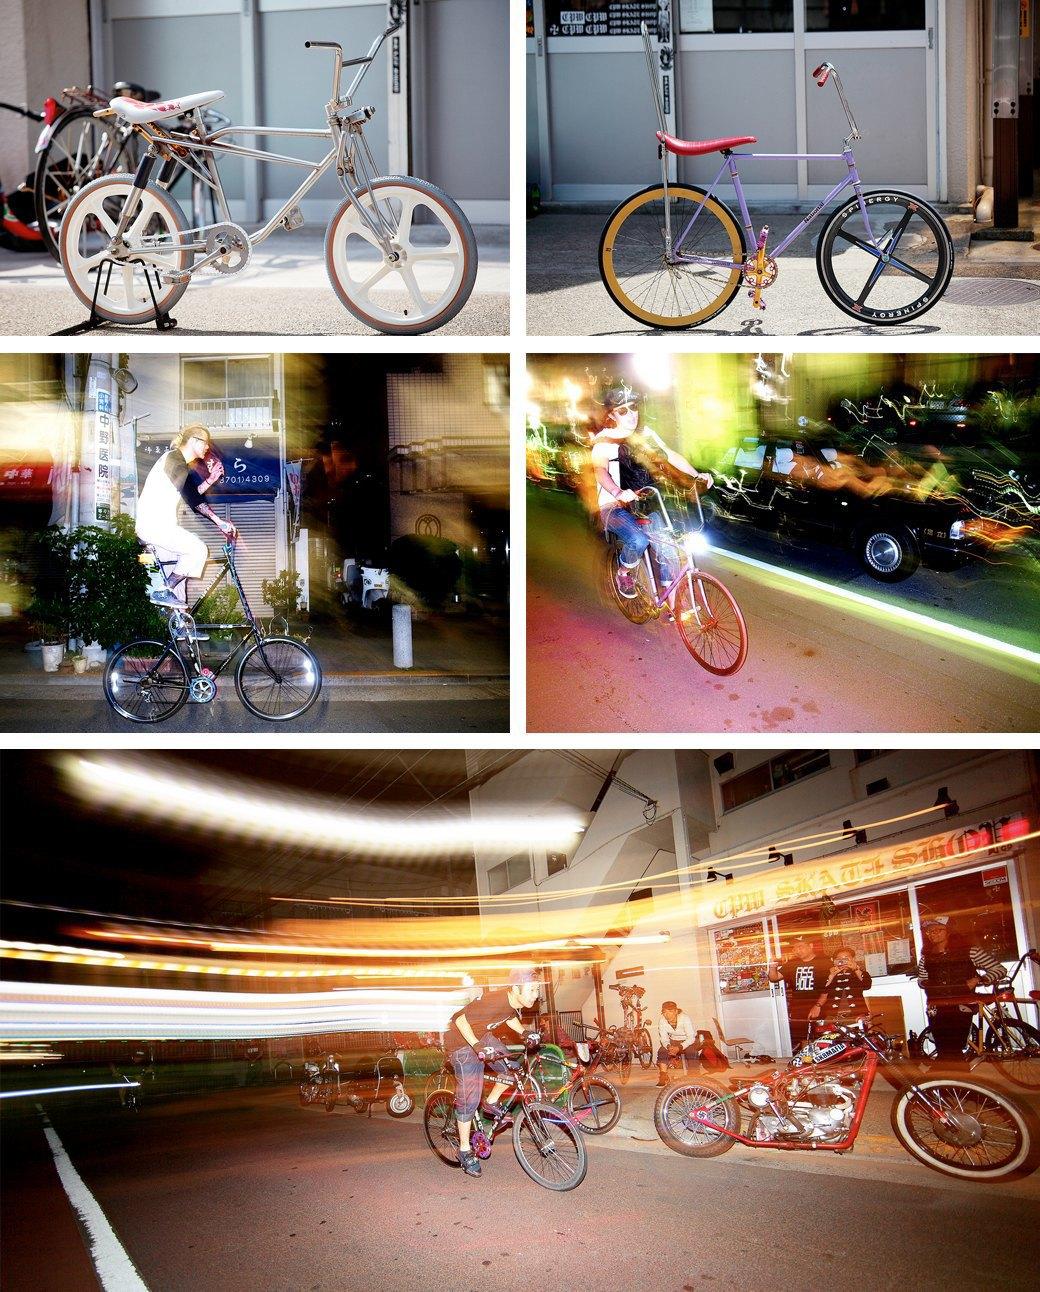 Якудза на колесах: Японская субкультура мотохулиганов — босодзоку. Изображение № 13.